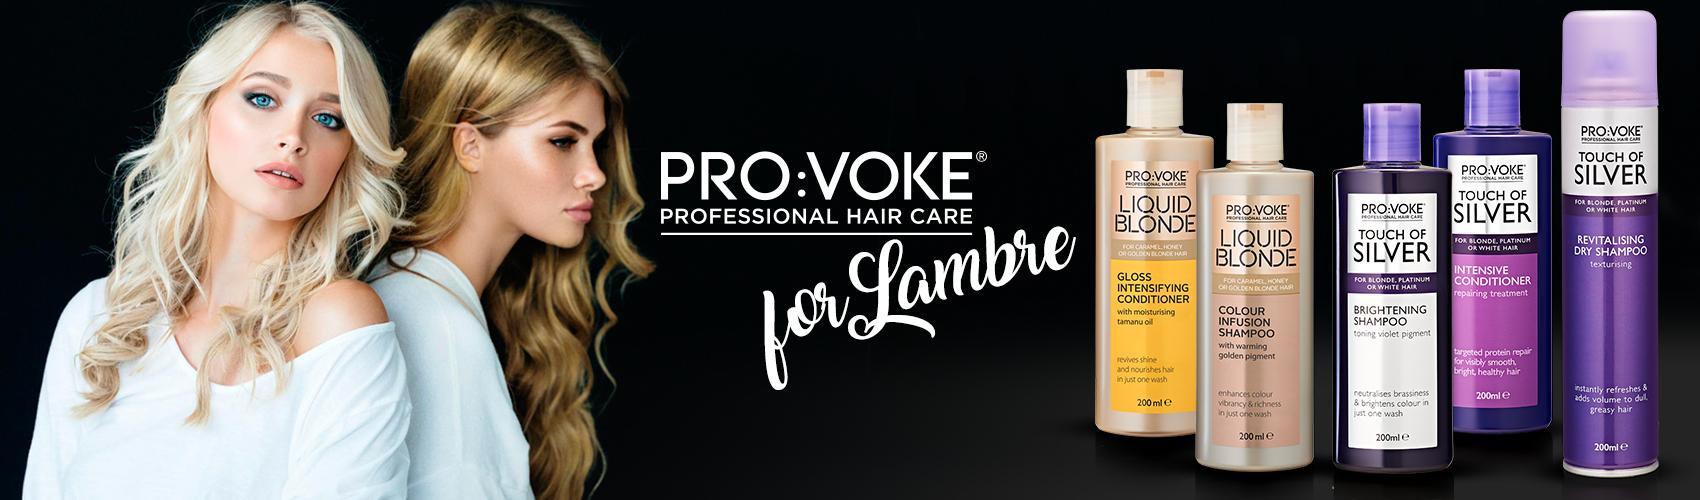 Новинка !!! PRO: VOKE уход за волосами блондинок от Ламбре